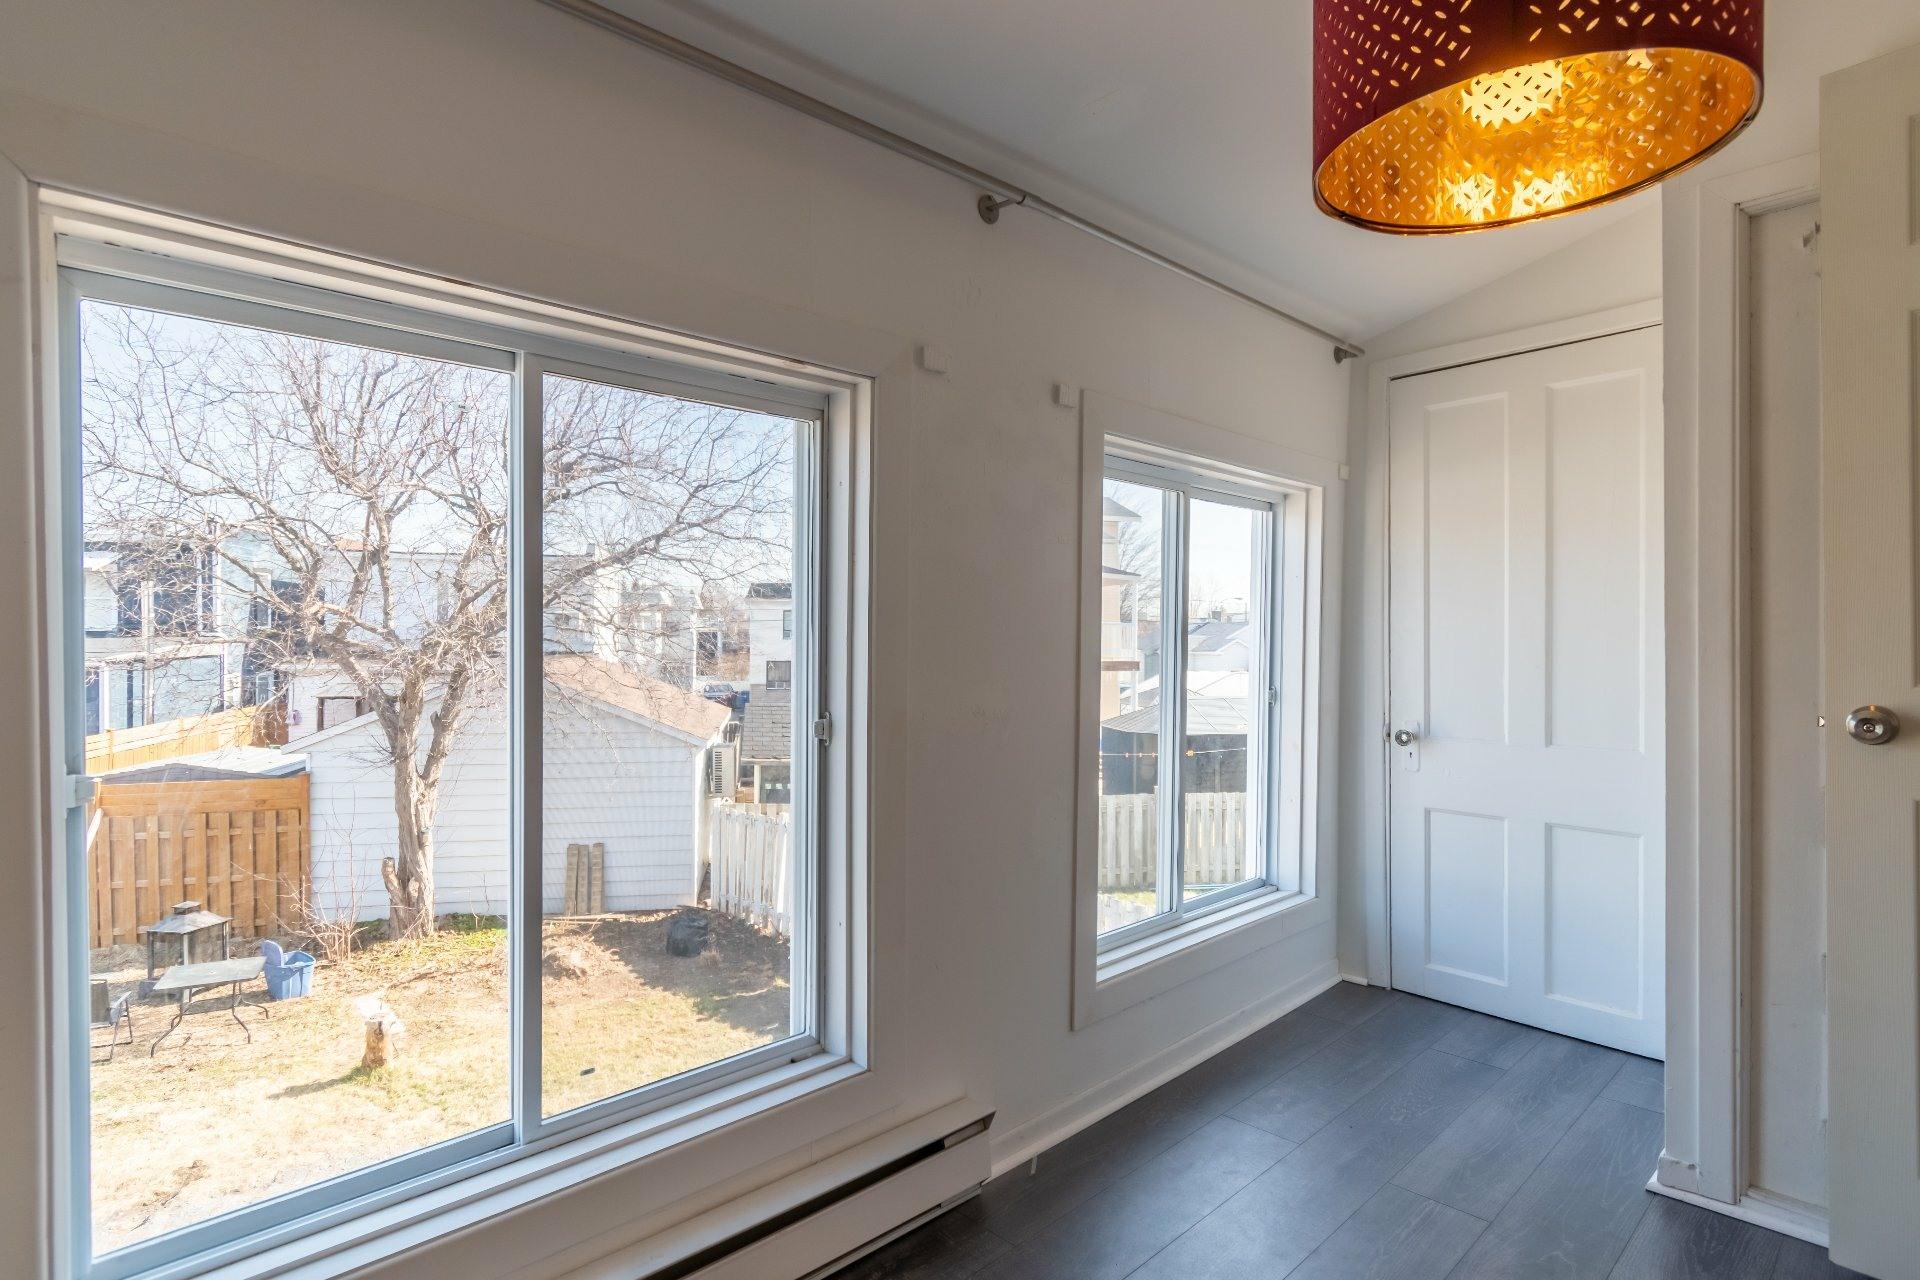 image 28 - Duplex For sale Trois-Rivières - 4 rooms